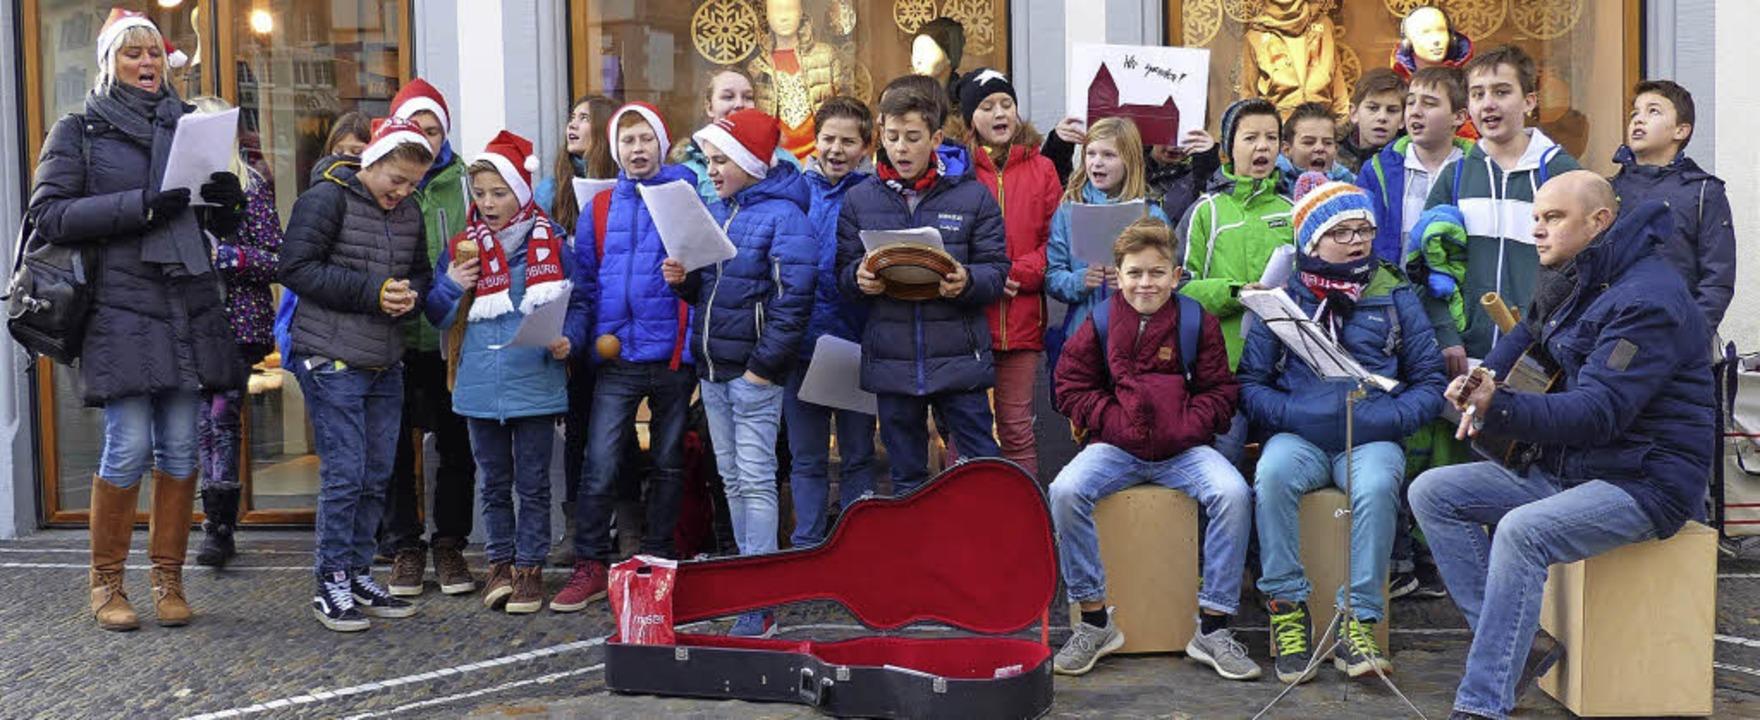 Die Realschüler aus Kirchzarten musizierten in der Freiburger Altstadt.   | Foto: Theo Runge